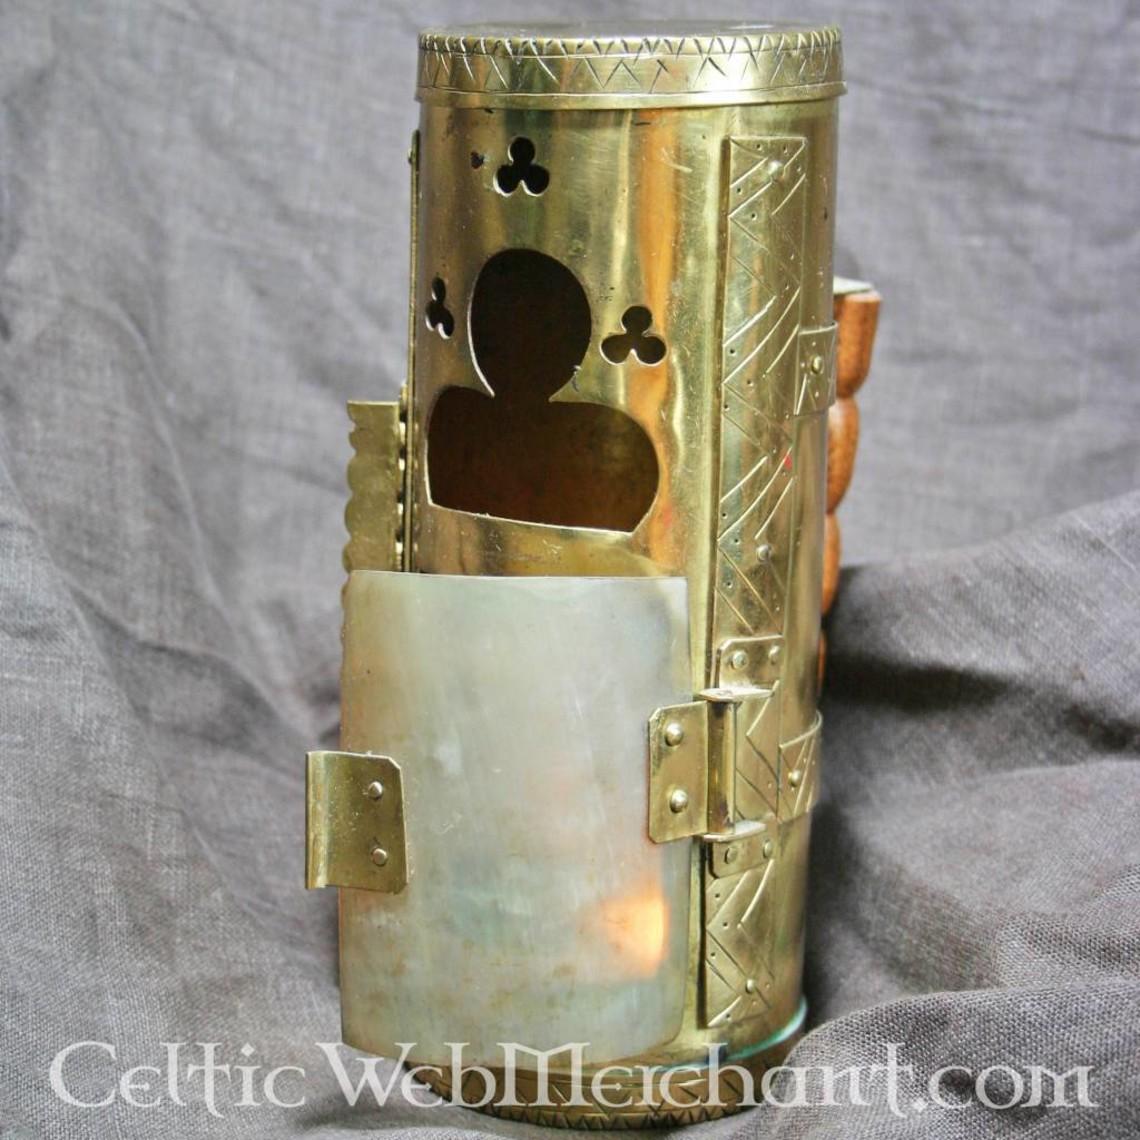 Deepeeka Lanterne I, 14ème siècle, Musée de Londres